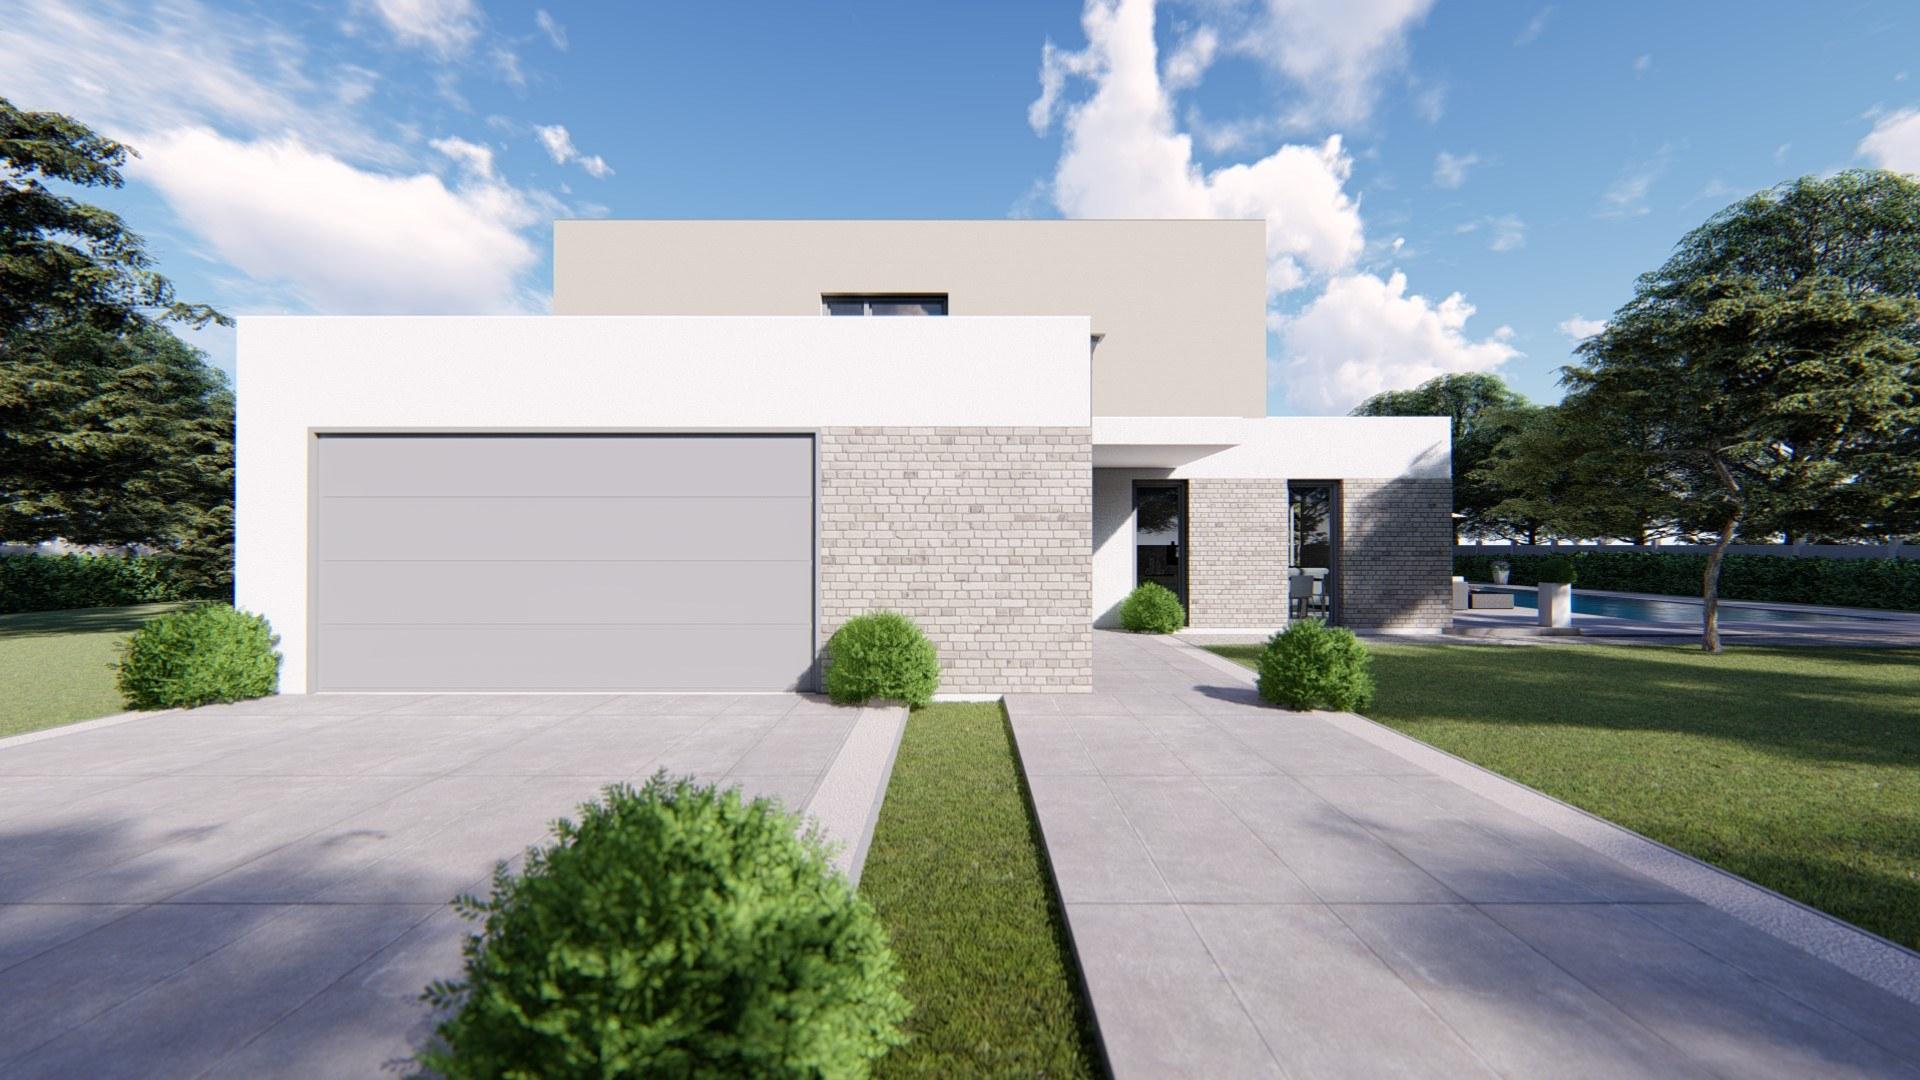 Projekt Domu LIVIA 8 dvojpodlažný dom s garážou